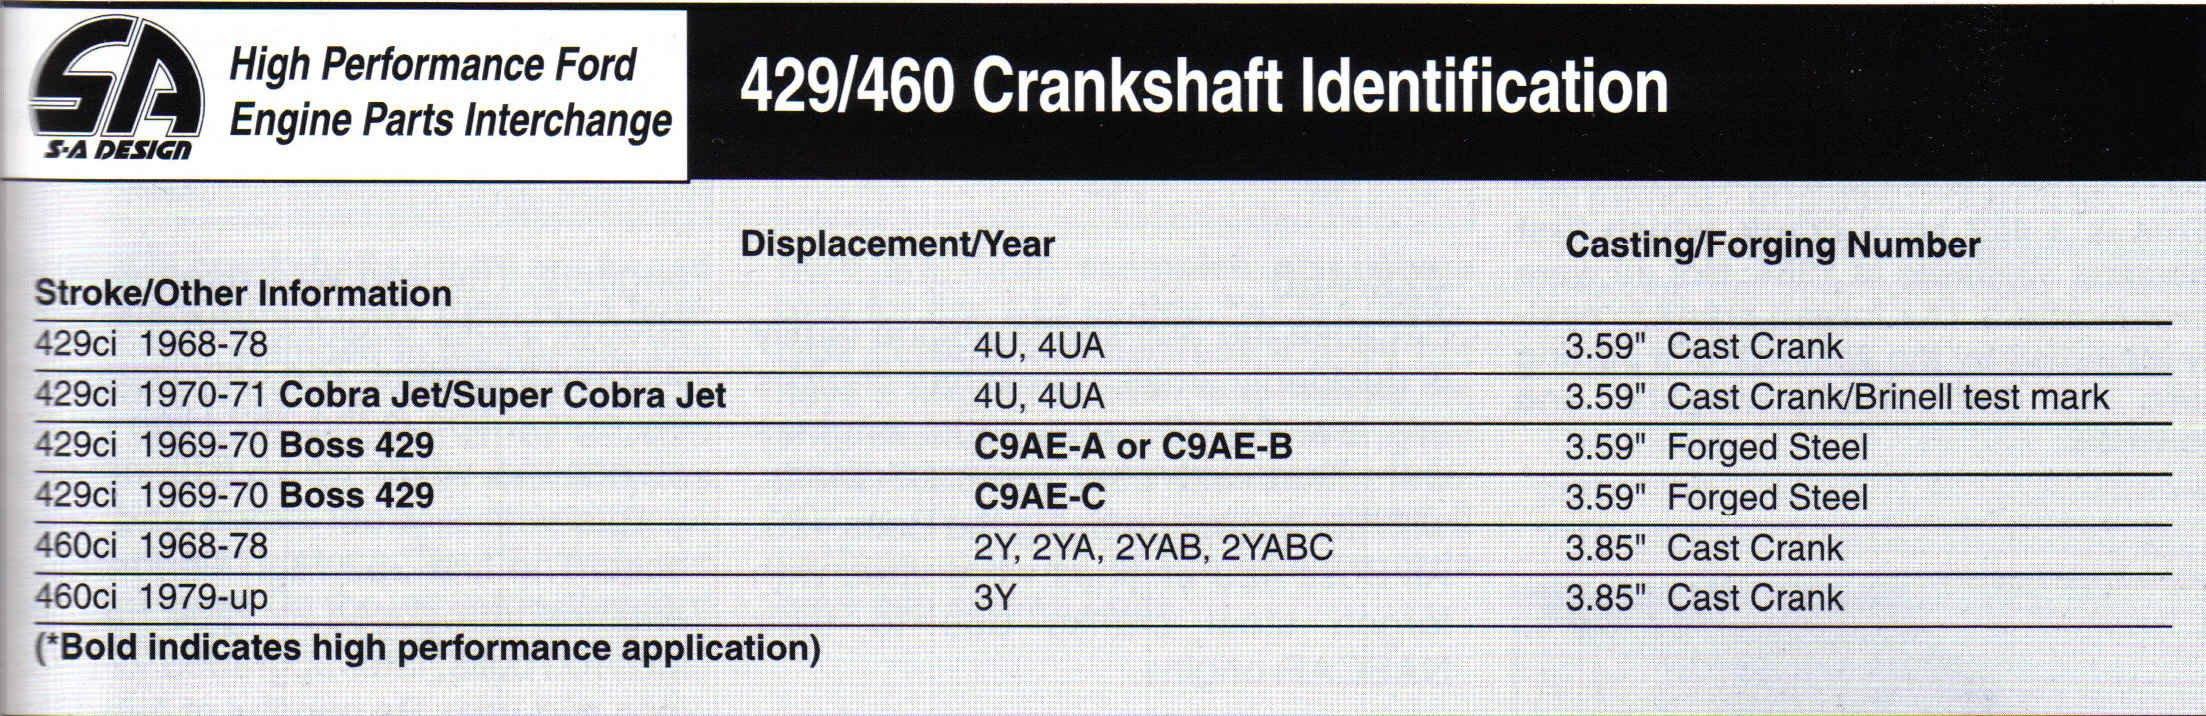 D Ford Big Block Casting Numbers Crankshafts on Ford 460 Engine Block Casting Numbers